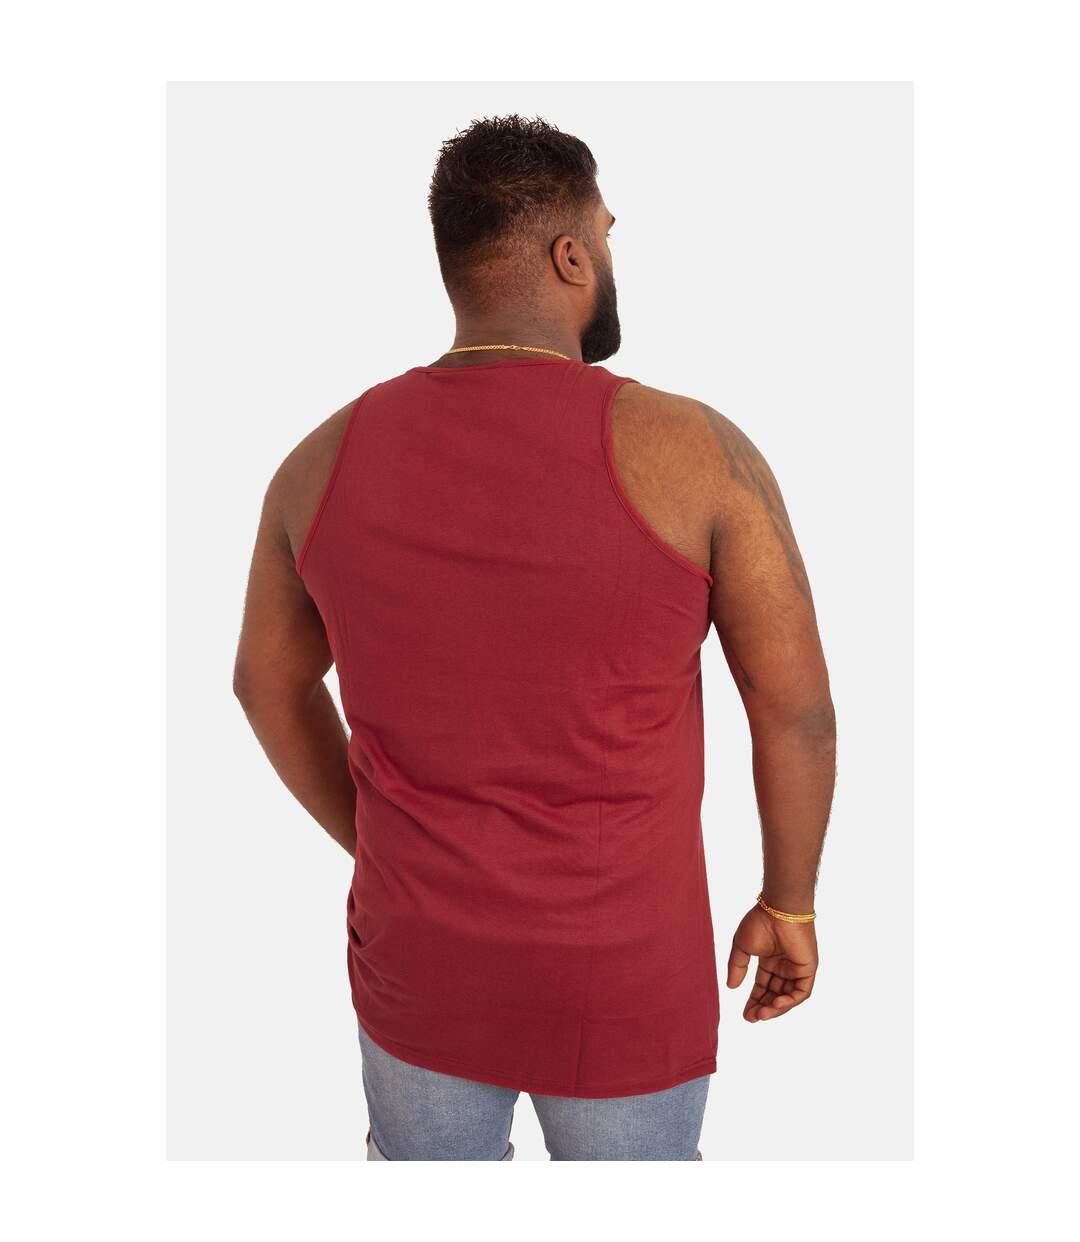 Duke Mens Fabio-2 Kingsize Muscle Vest (Red) - UTDC172